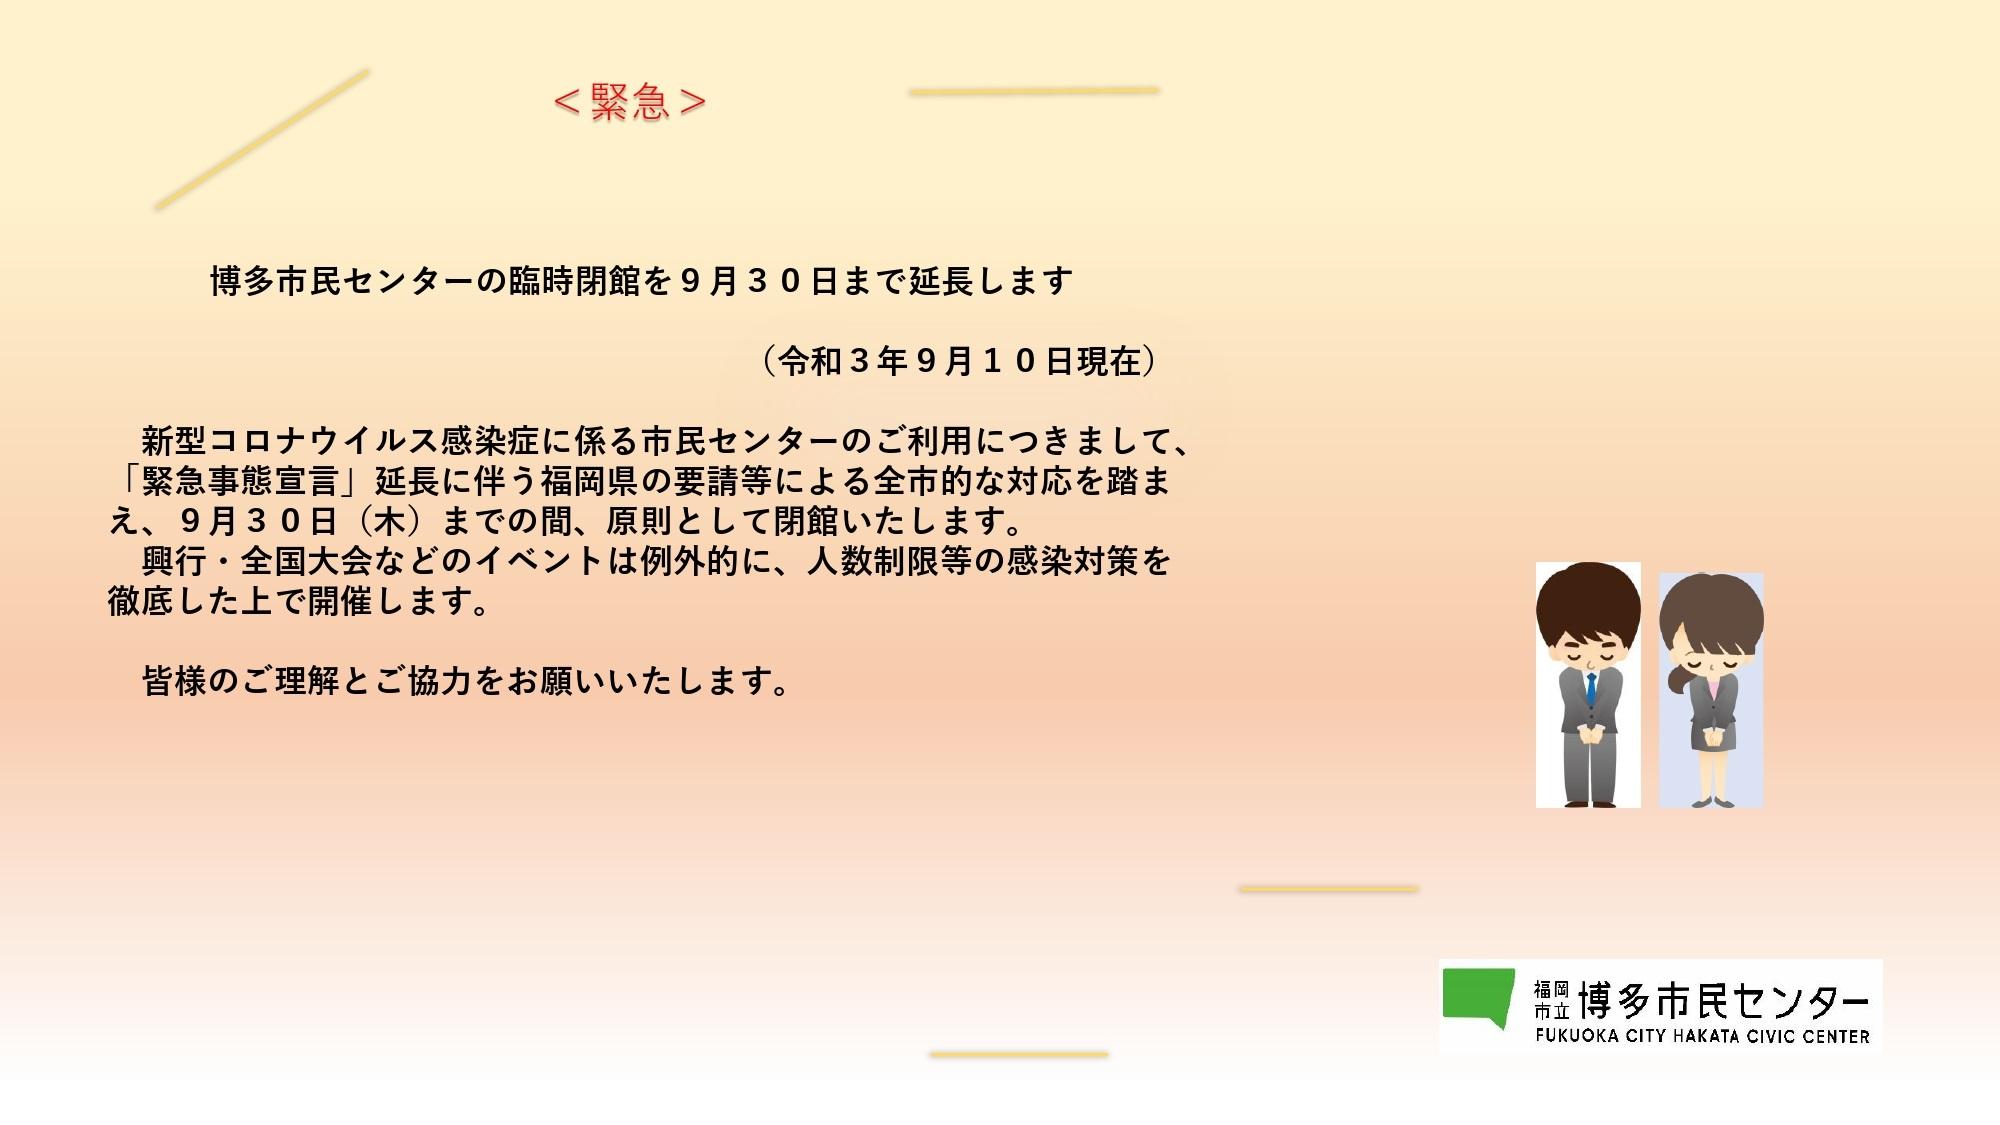 【延長】臨時閉館を9月30日まで延長します